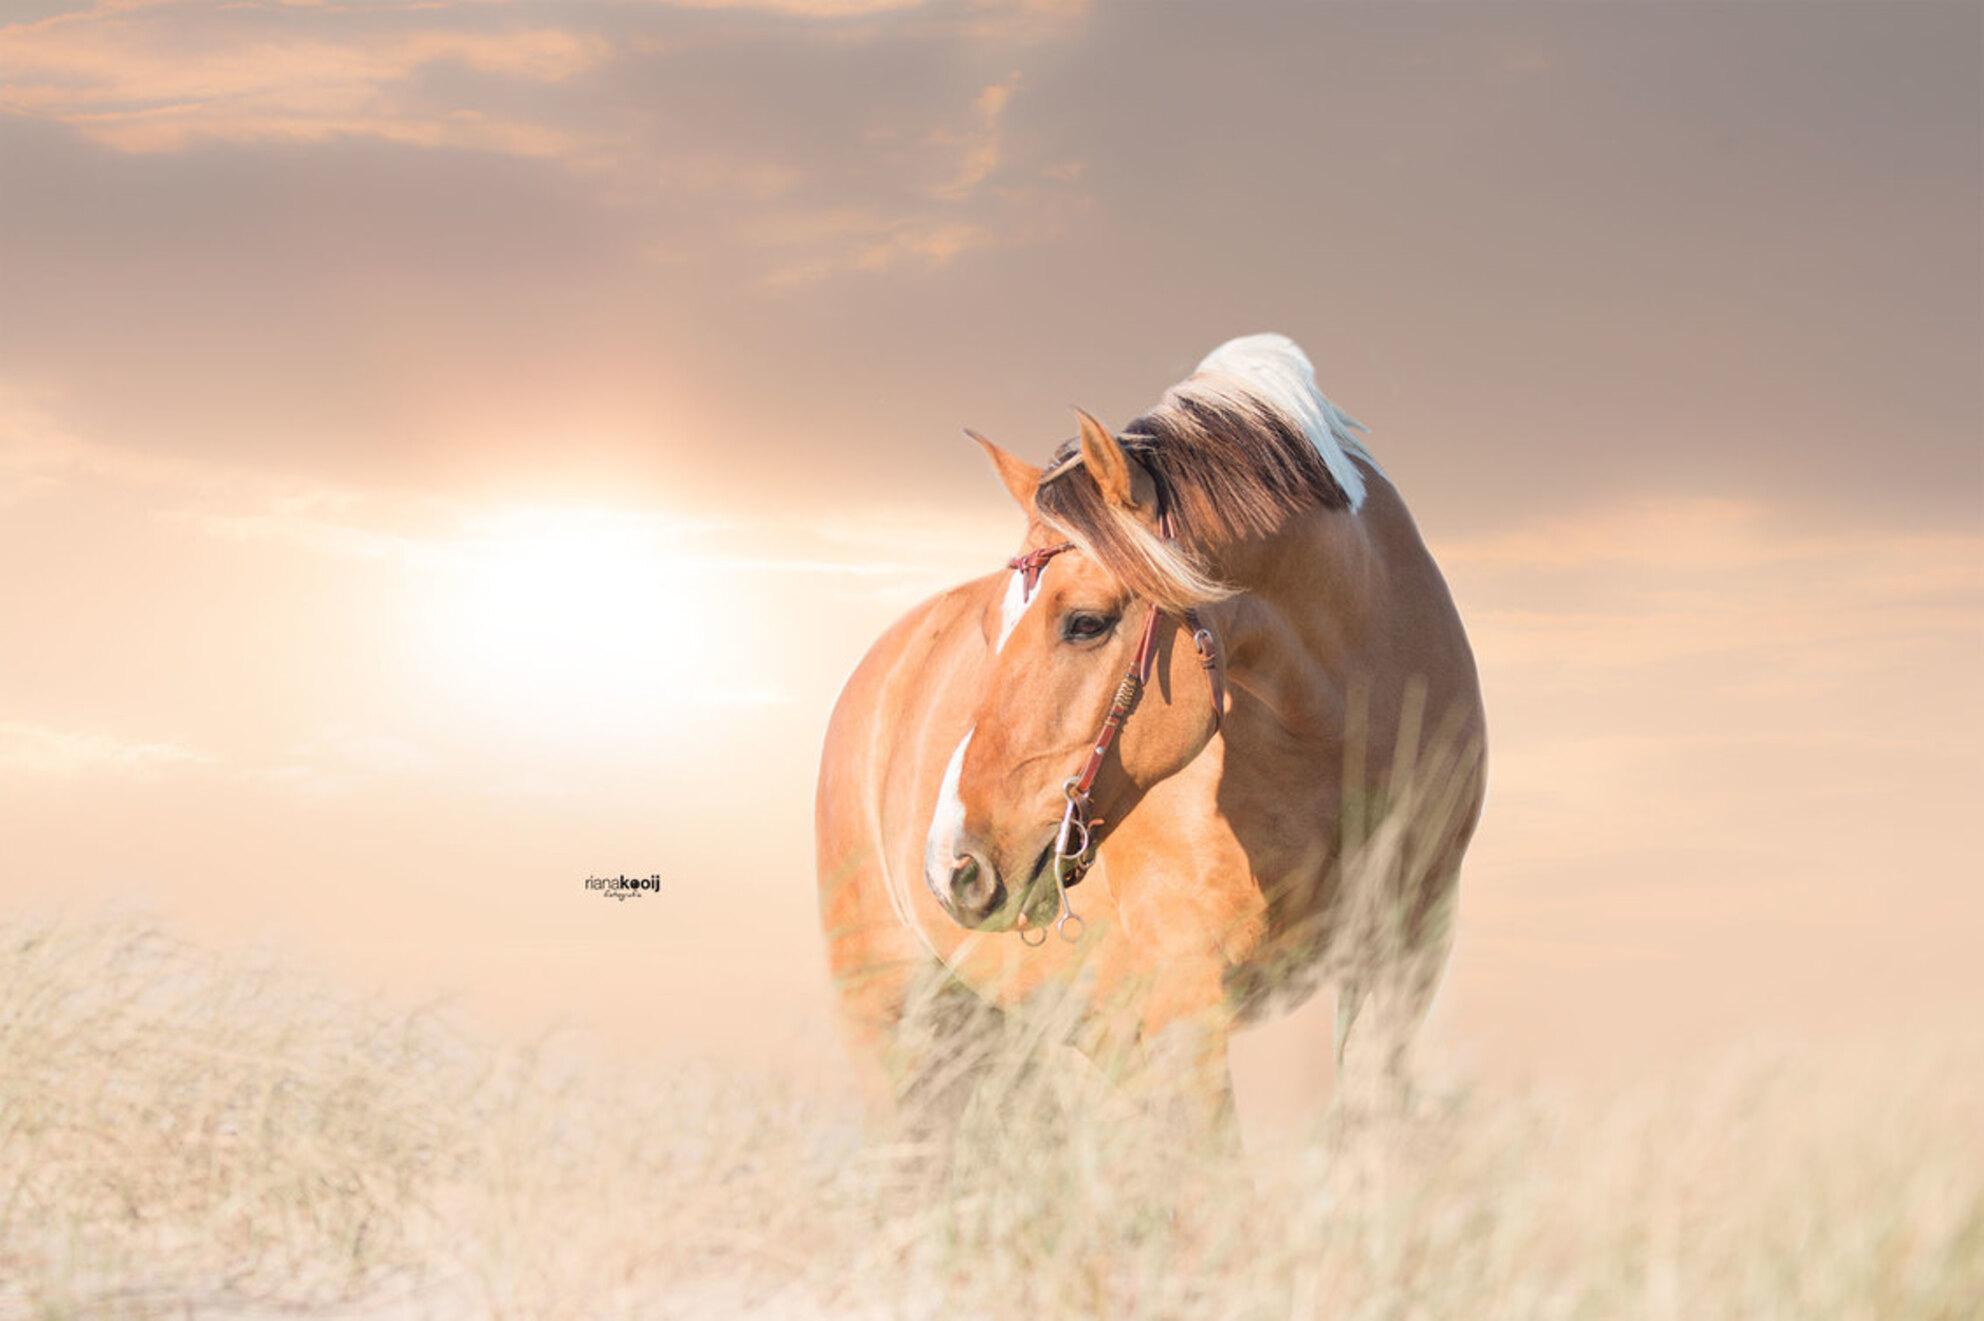 Paardje Vigo - Enige tijd geleden deze Hunk Vigo vast gelegd in de duinen. Geduldig en lief paardje, die ook nog onder het zadel een showtje weg heeft gegeven. - foto door riana op 08-06-2018 - deze foto bevat: strand, paard, zonsondergang - Deze foto mag gebruikt worden in een Zoom.nl publicatie